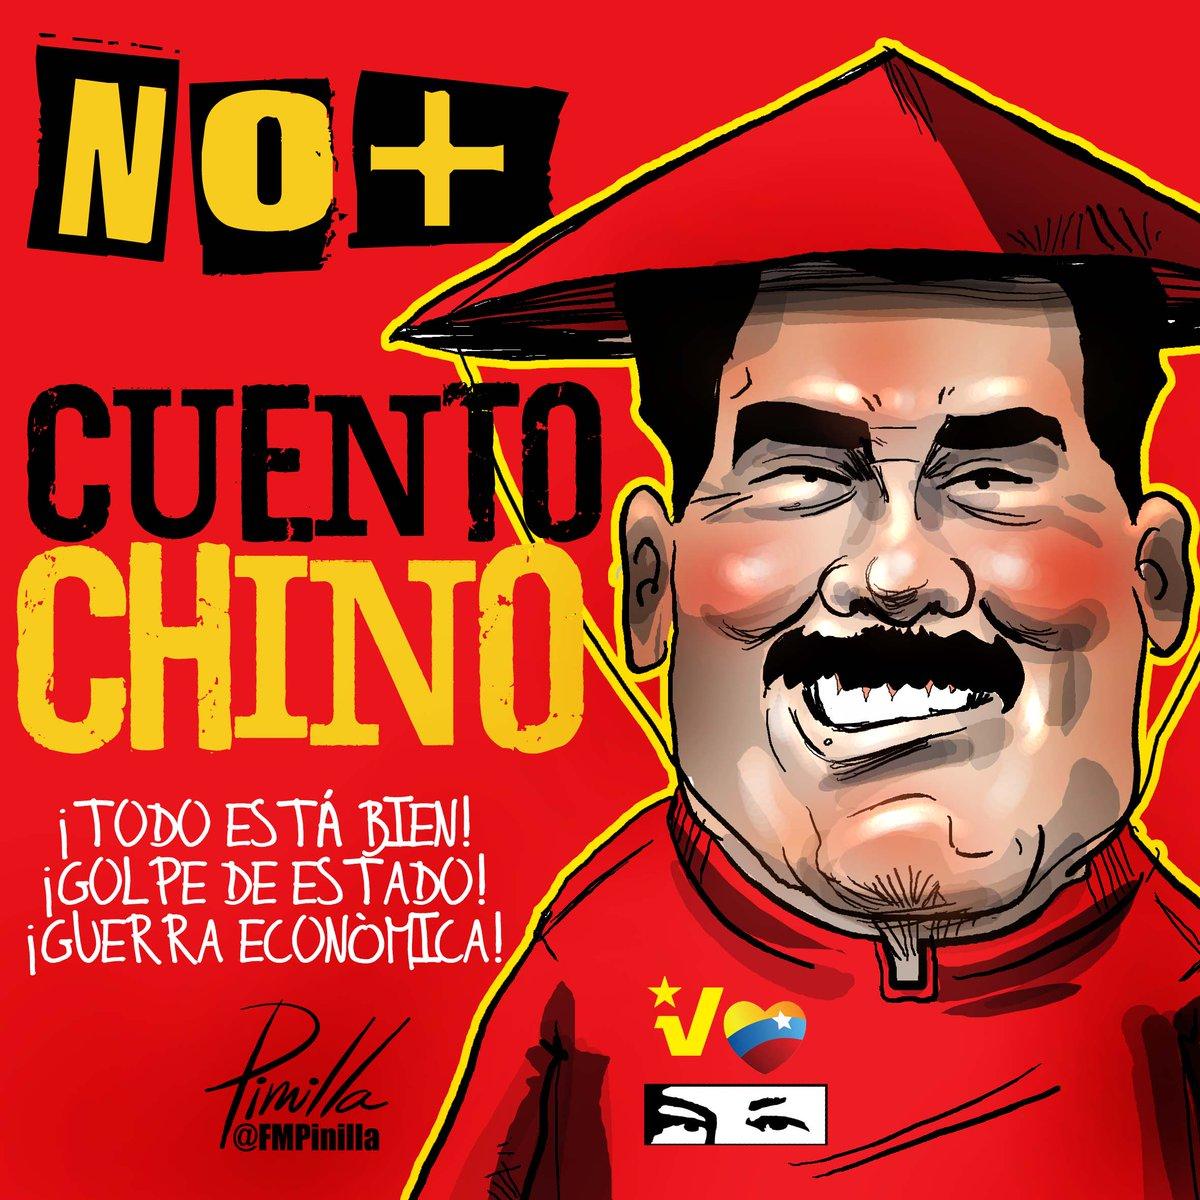 """Por favor, que no somos tarados! RT @FMPinilla: #CARICATURA NO MÁS #CuentoChino!! http://t.co/kvFoCmicUo"""""""